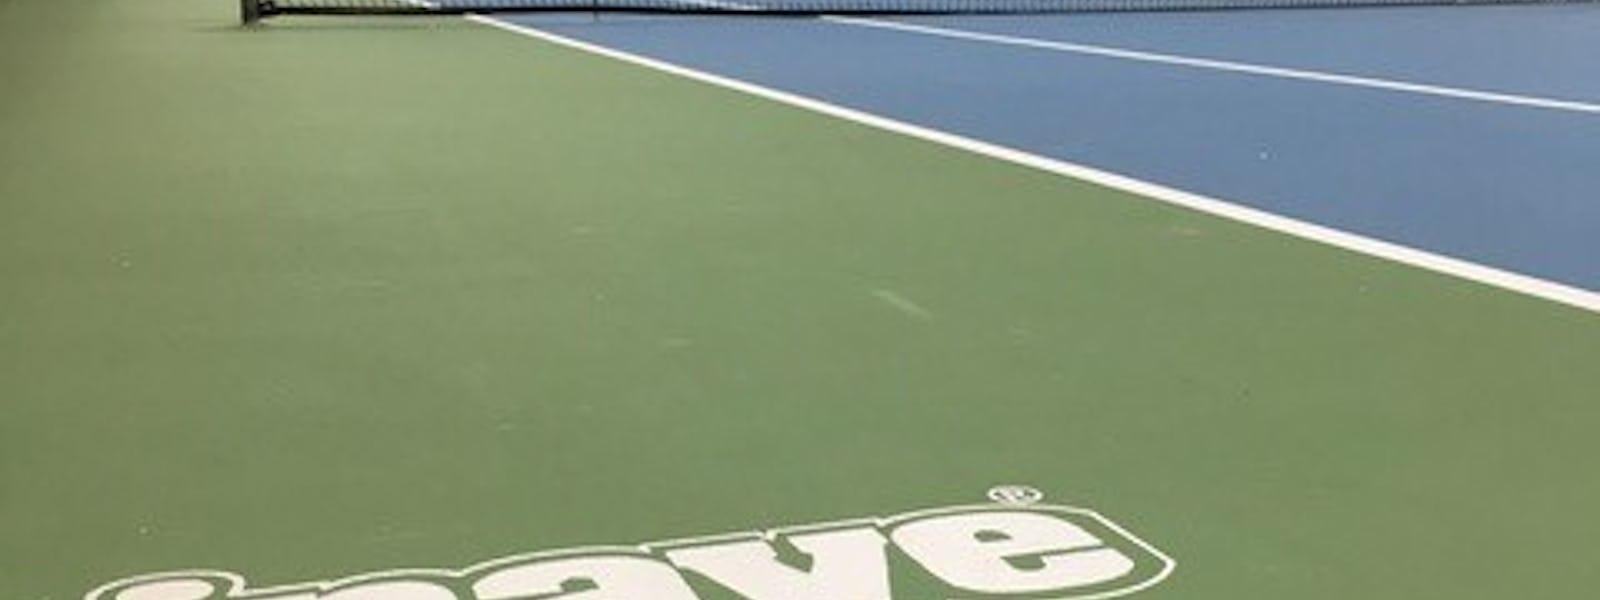 Bild - Jullov: tennis 12-15 år